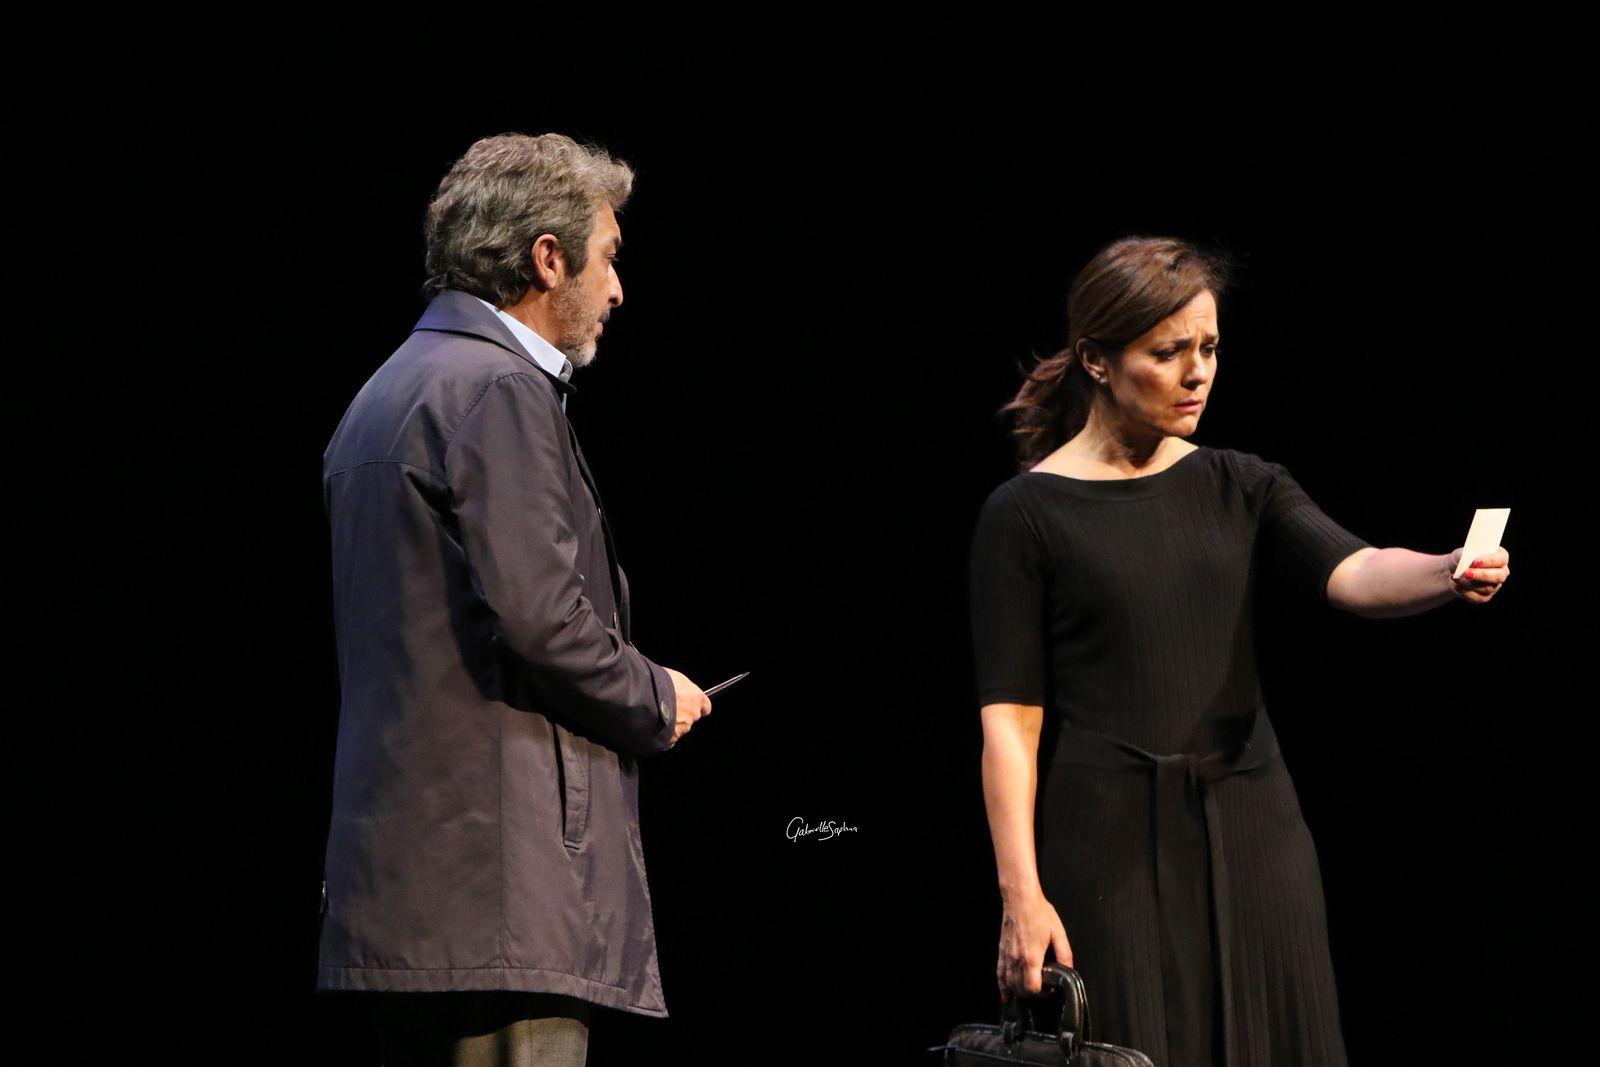 ESCENAS DE LA VIDA CONYUGAL, Ricardo Darín & Andrea Pietra, Bilbao 2019